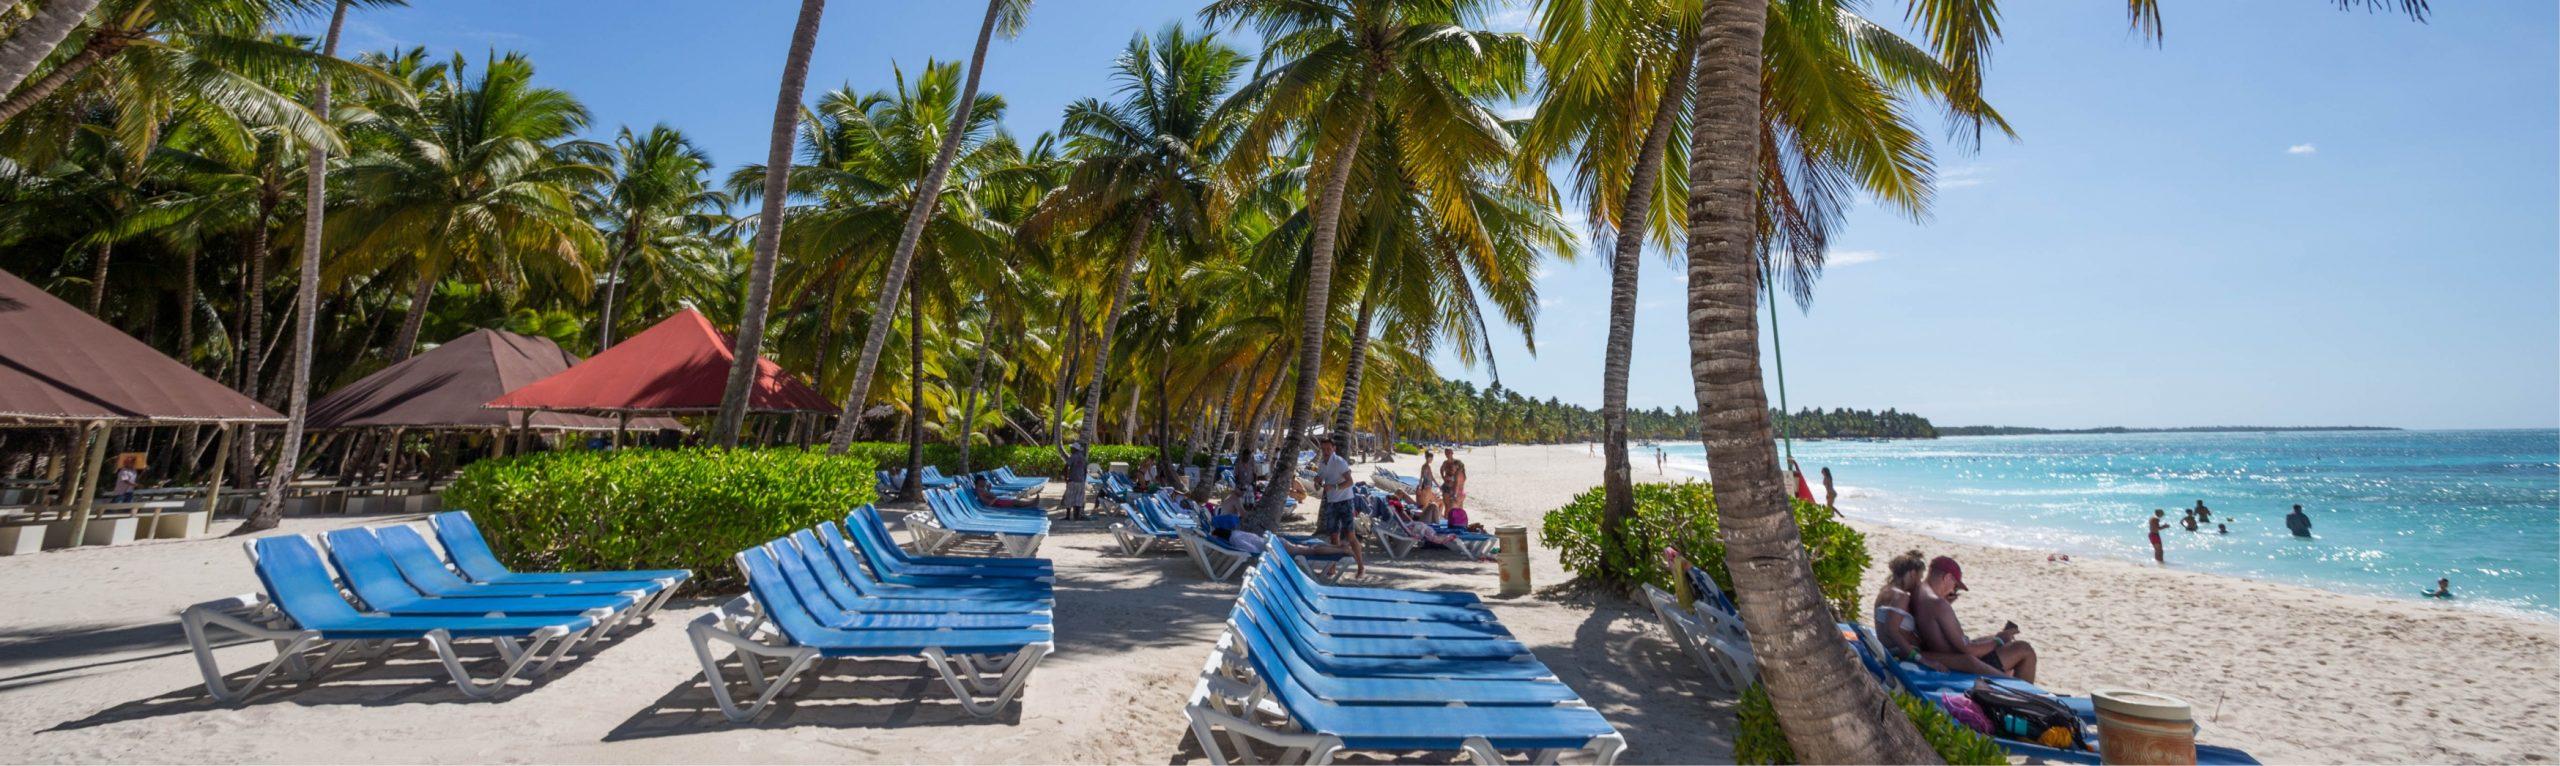 Новогодние туры в Доминикану